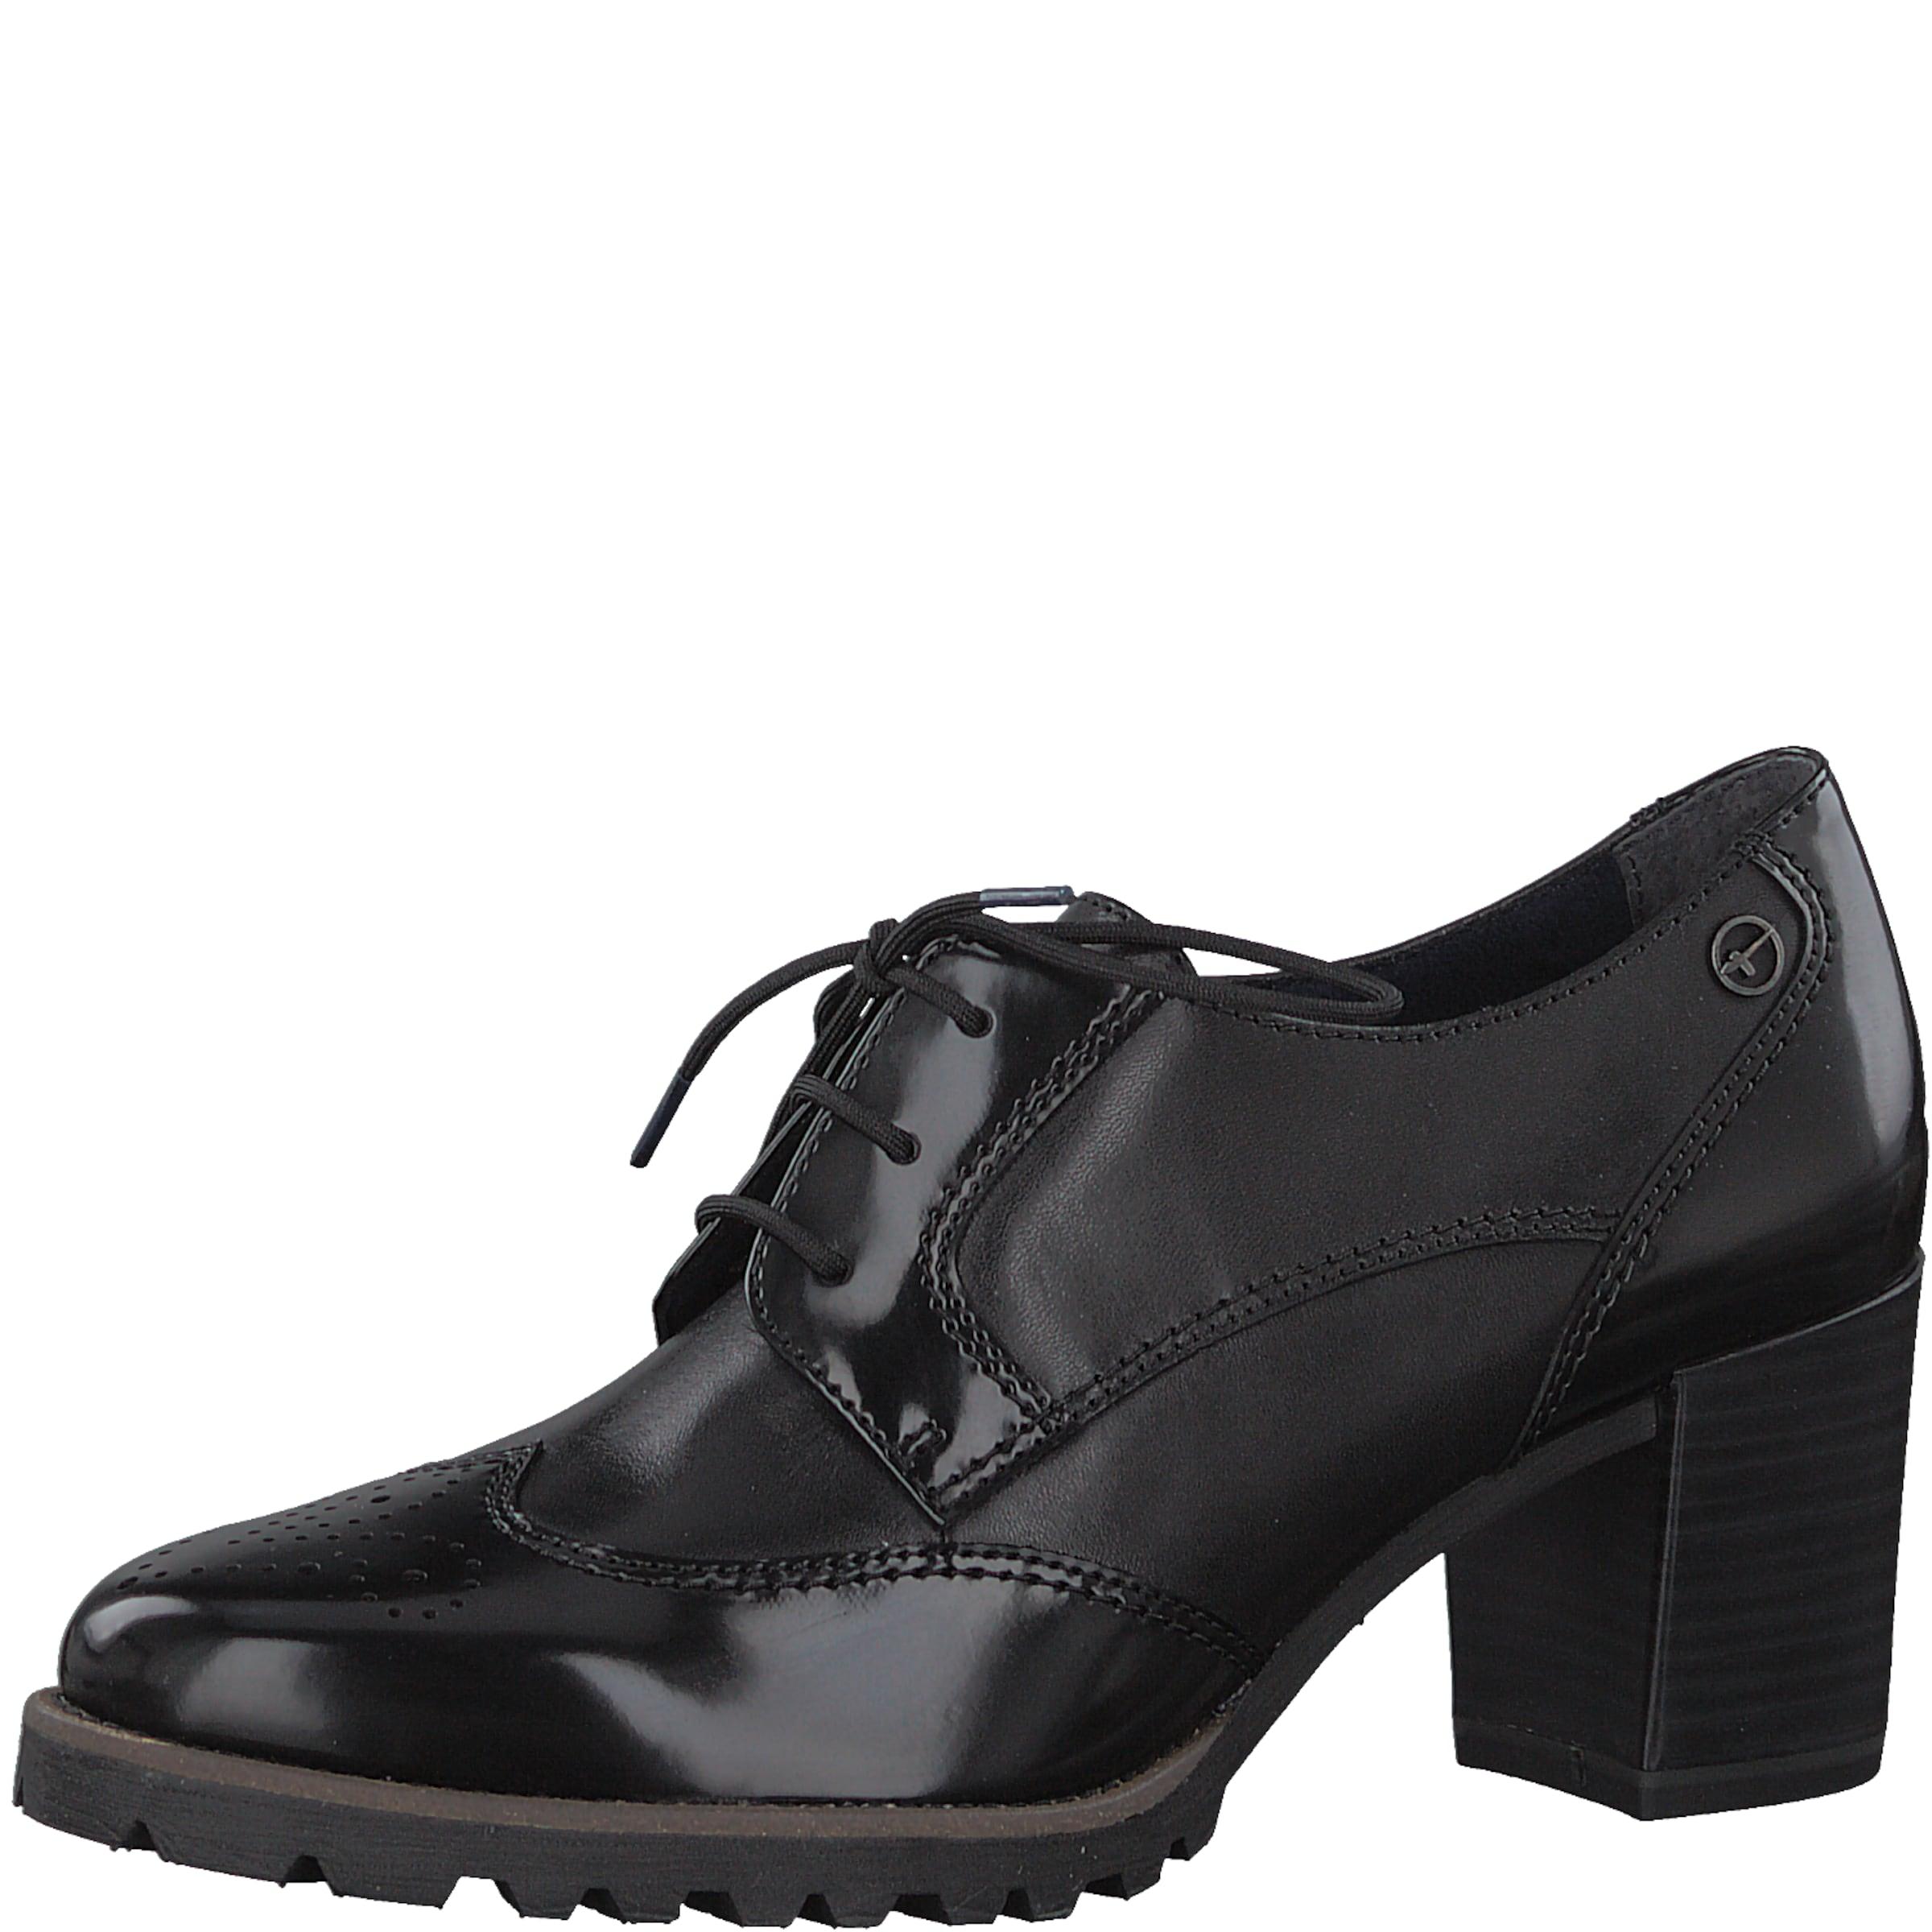 TAMARIS Schnürpumps Günstige und langlebige Schuhe